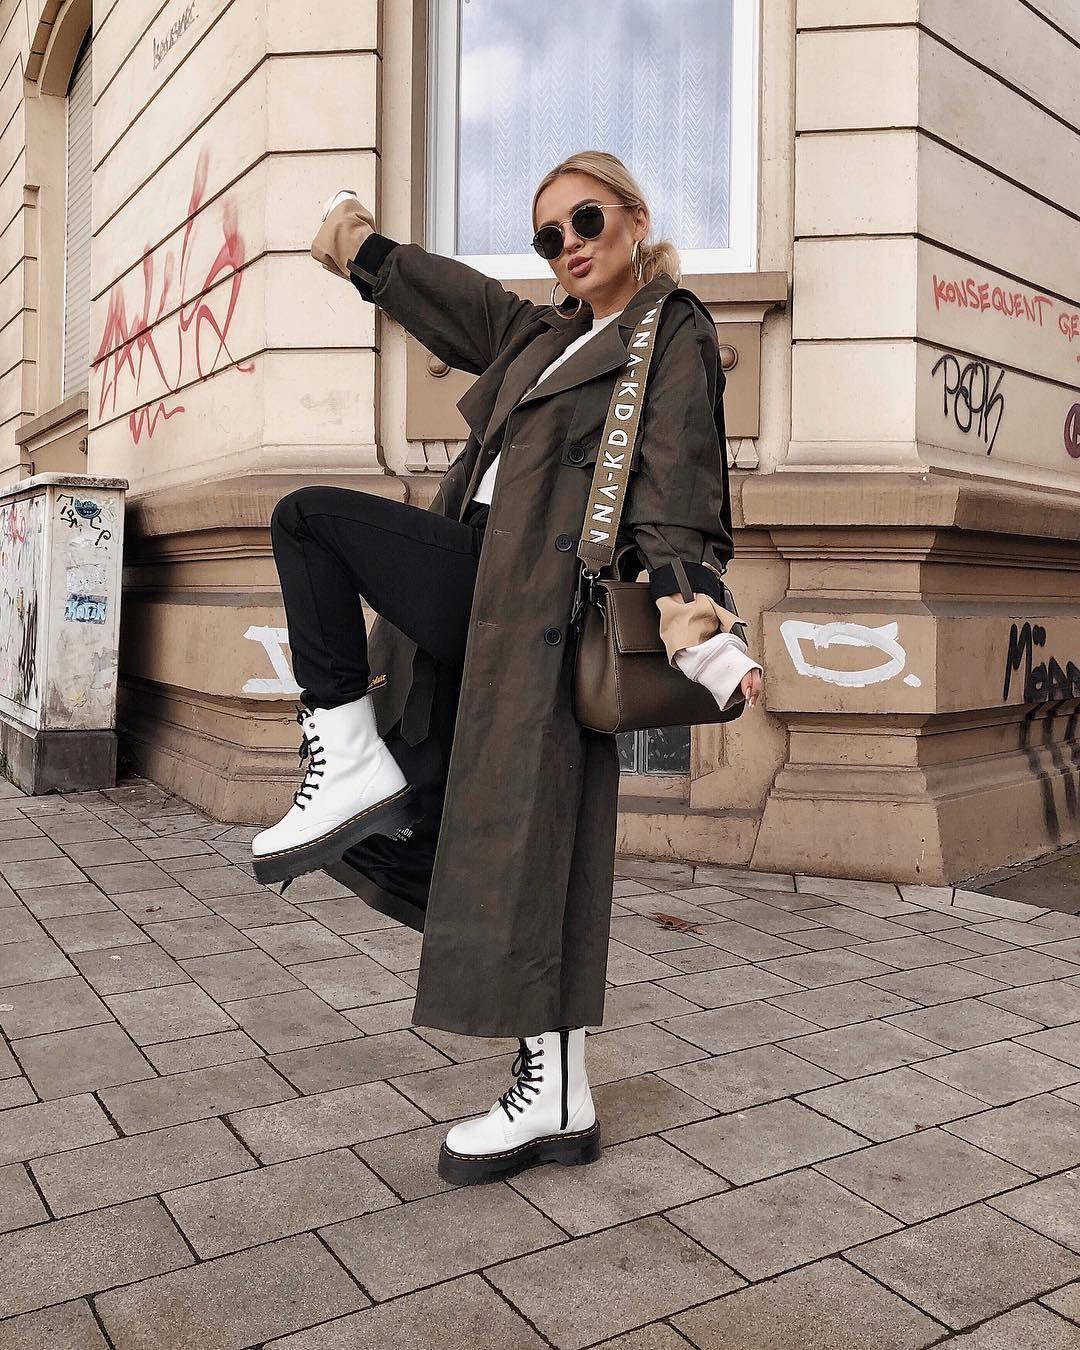 """Romina Meier su Instagram: """"Singolo e pronto a flamingle 💯😏 pubblicità perché i marchi sono riconoscibili"""""""